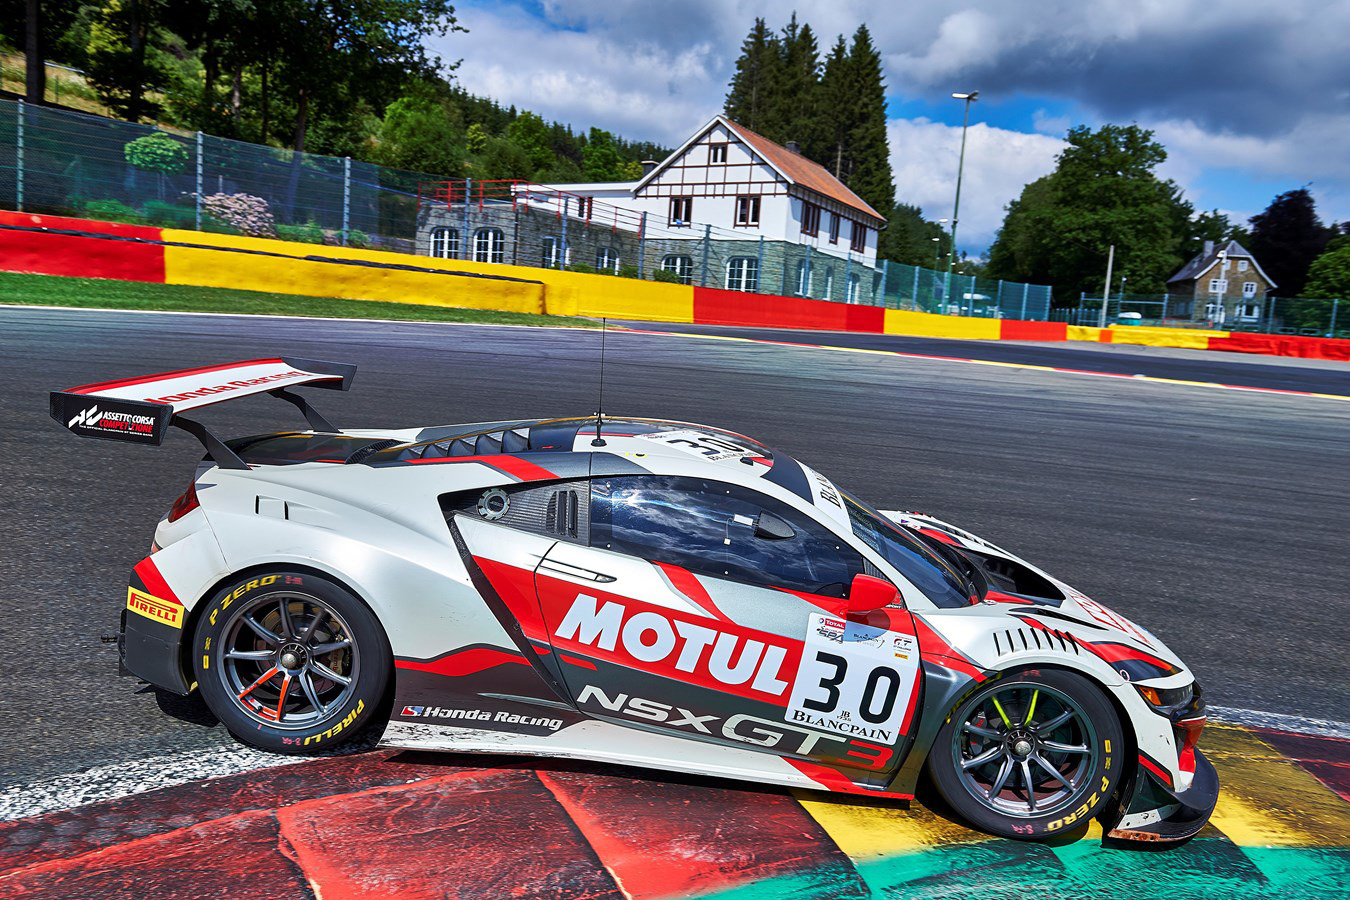 Honda Team Motul